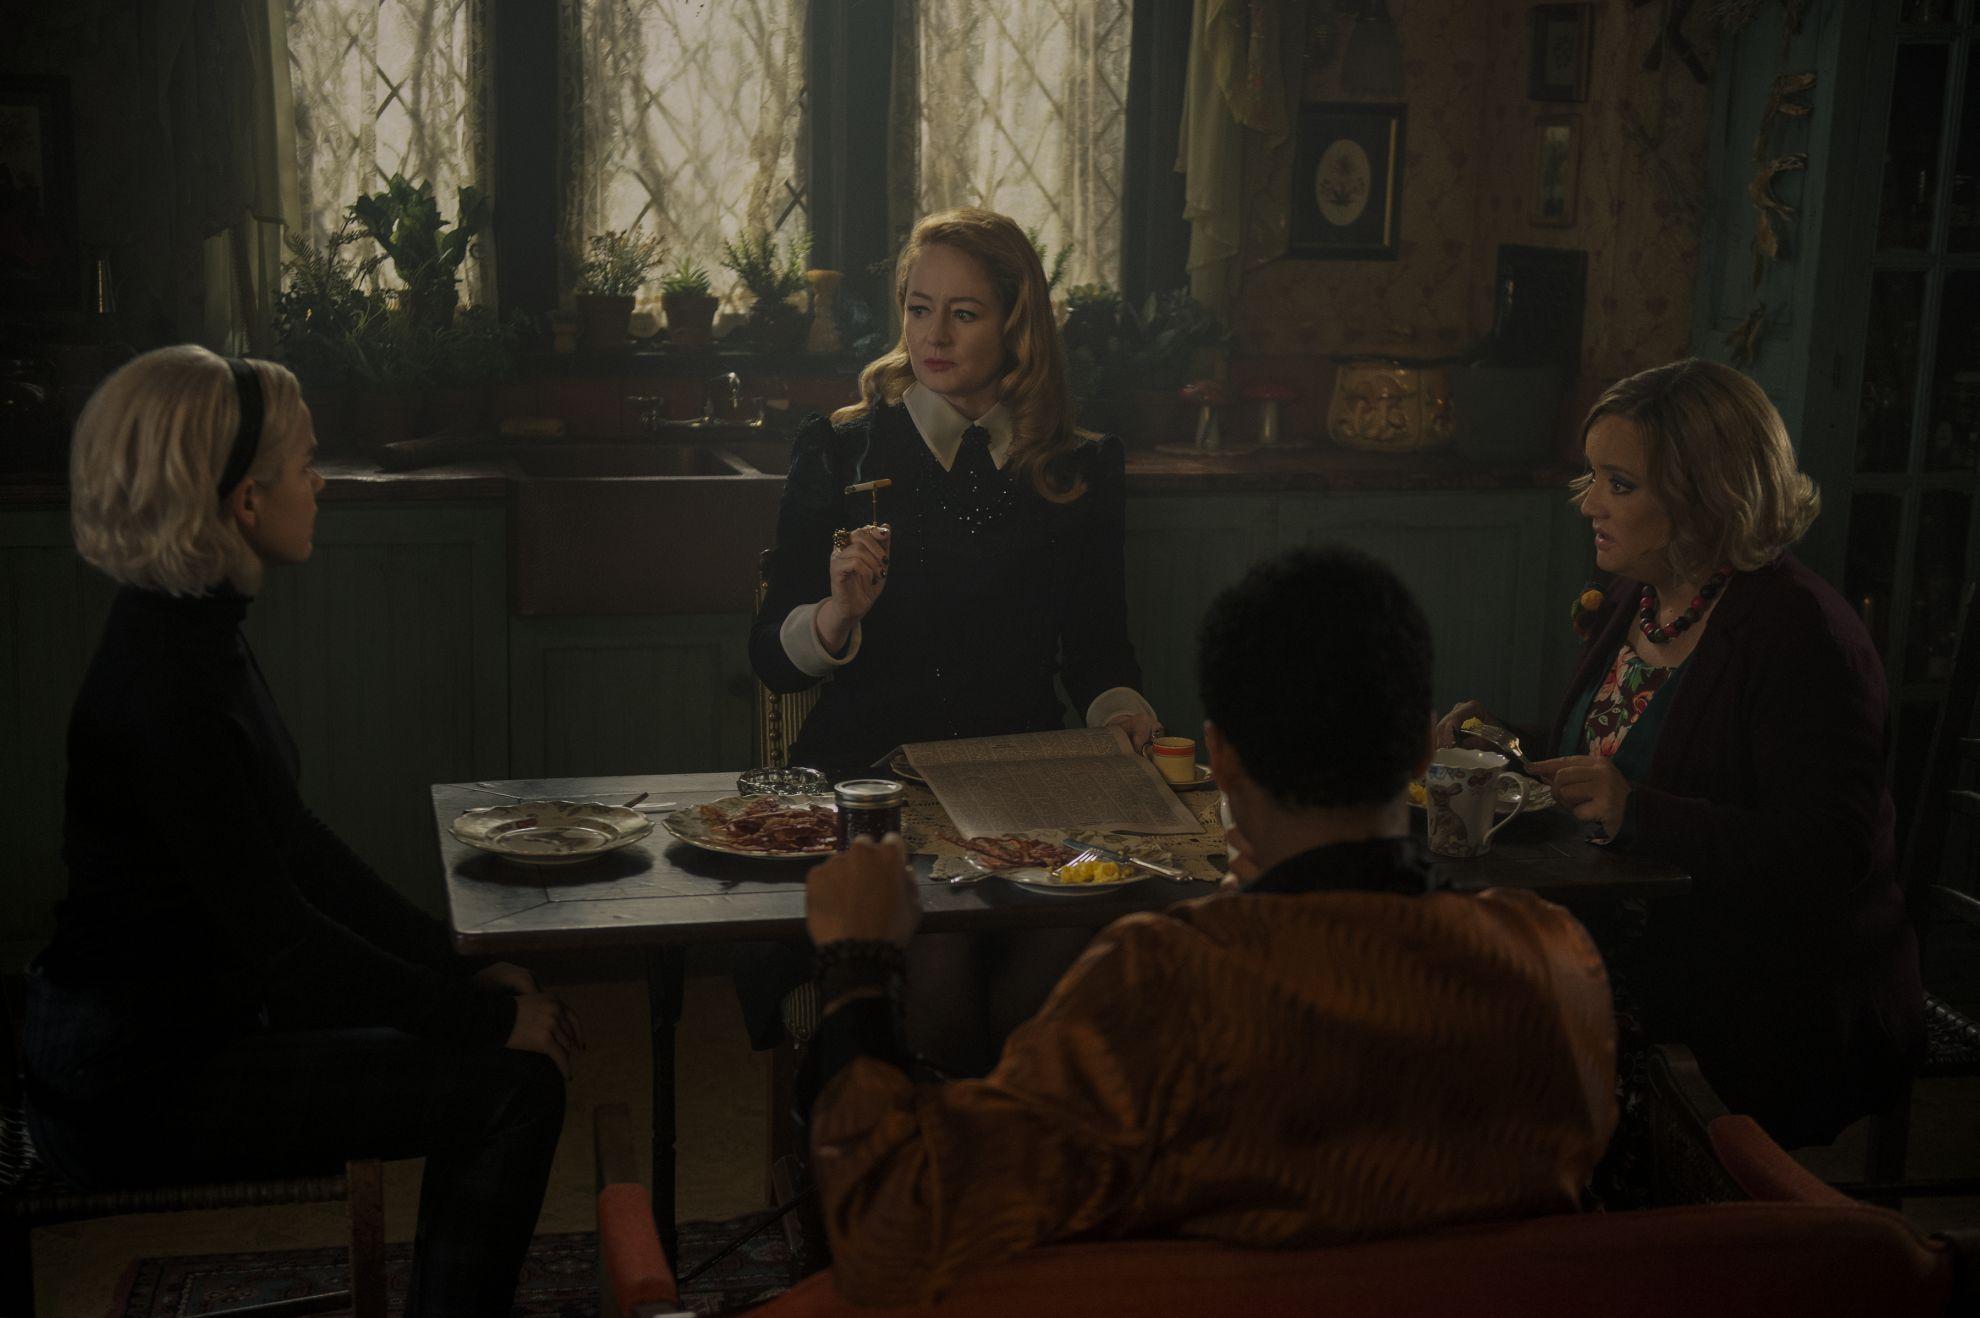 Le terrificanti avventure di Sabrina: Kiernan Shipka, Miranda Otto, Chance Perdomo e Lucy Davis in una scena della seconda stagione